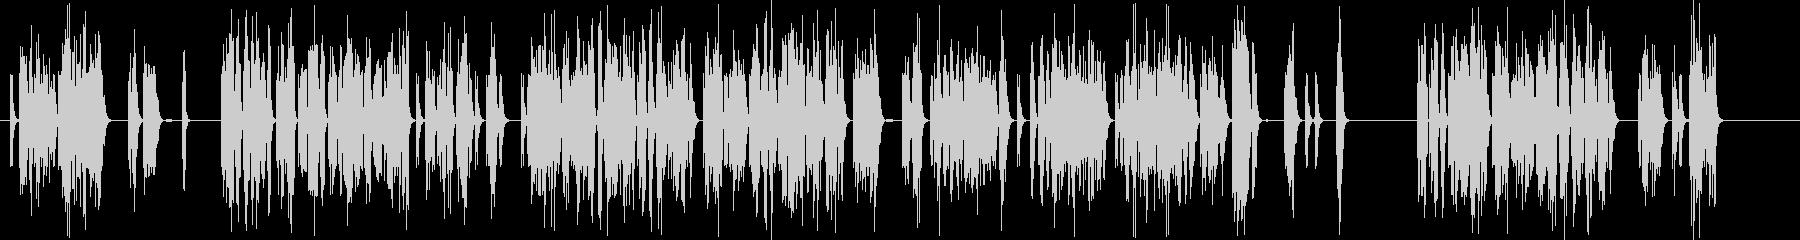 電子機器の故障音の未再生の波形